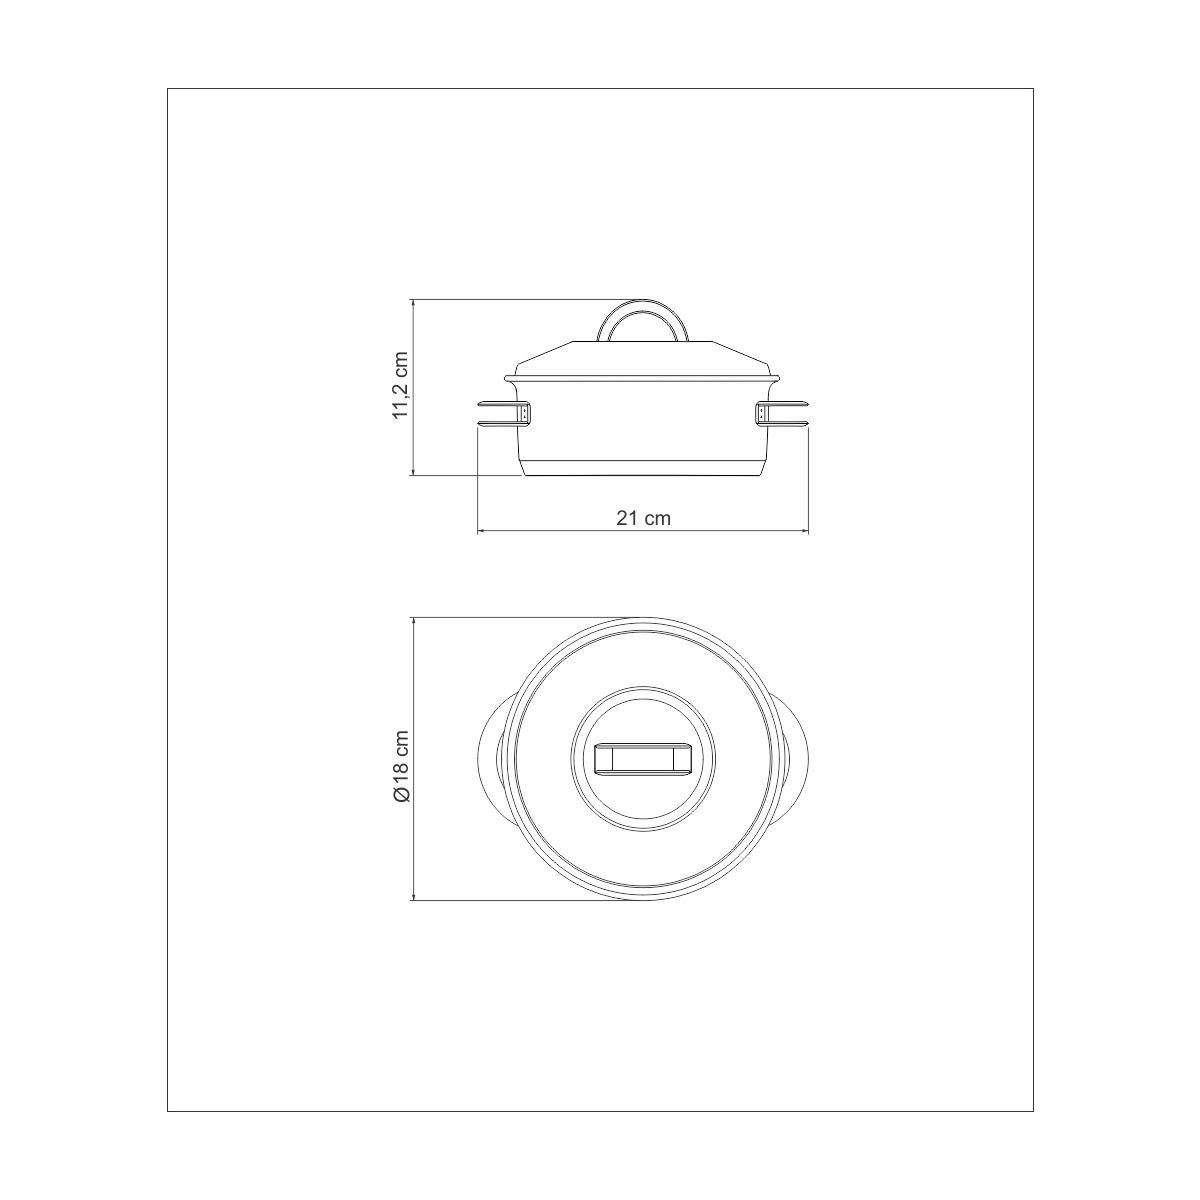 Caçarola Inox 16 cm 1,4 litros - linha Solar - Tramontina  - Lojão de Ofertas